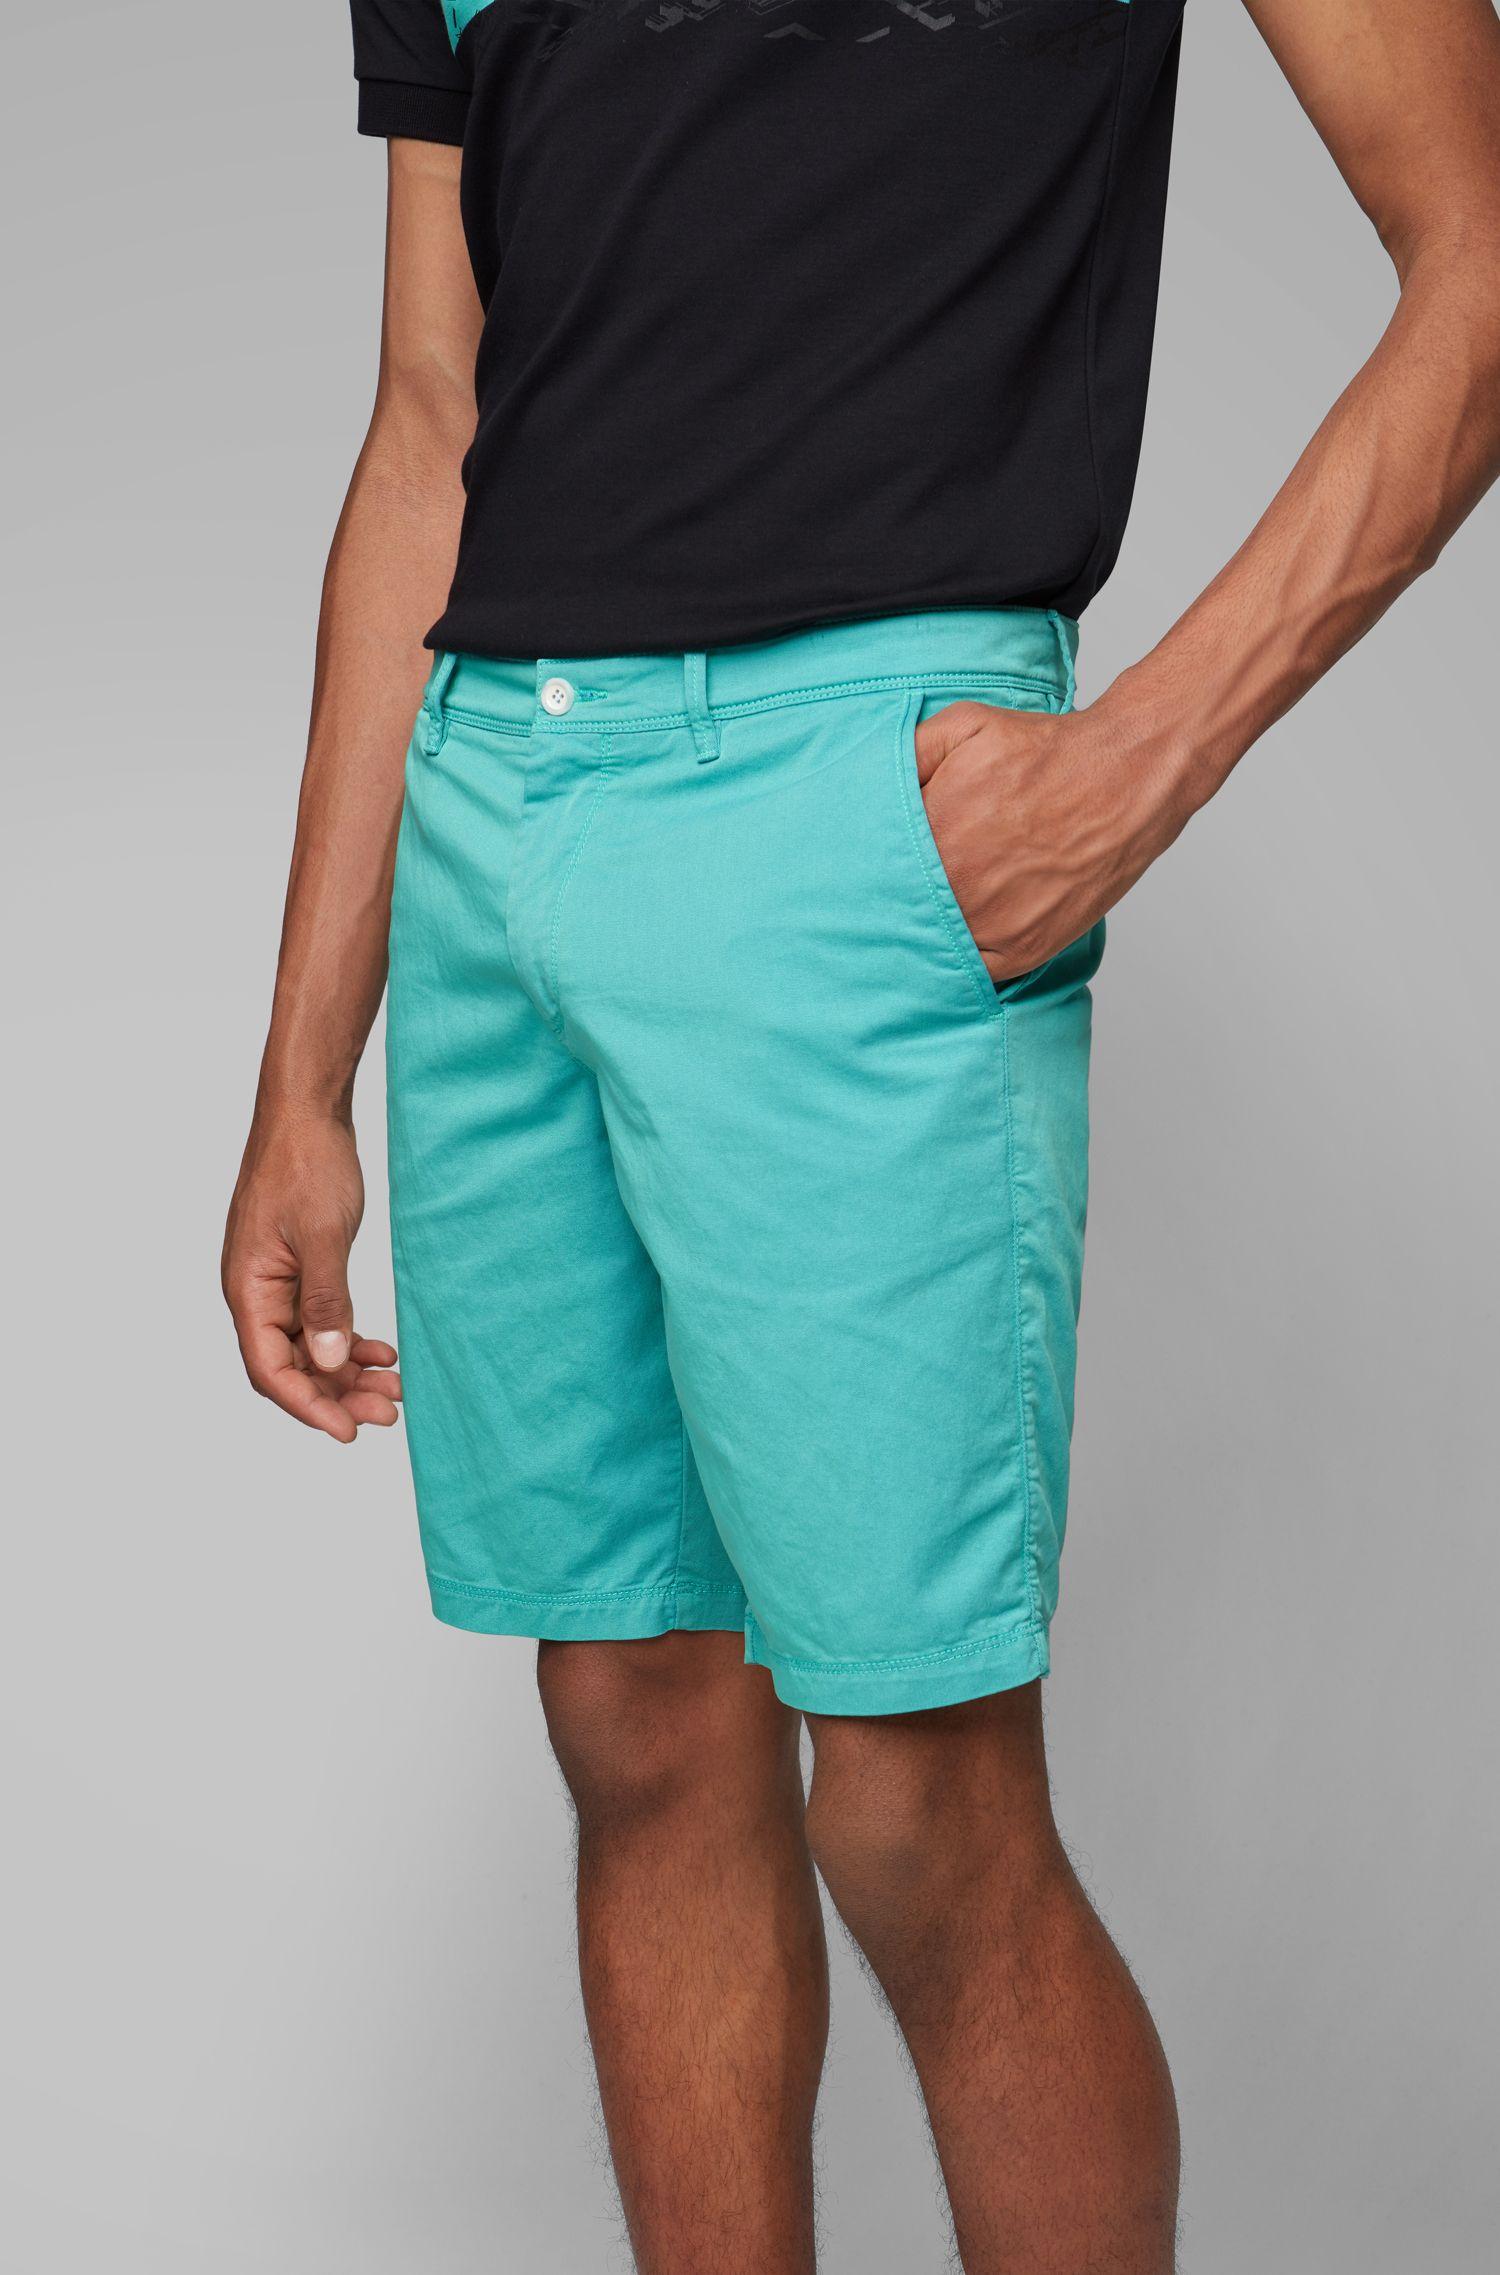 Pantaloncini slim fit in twill bicolore italiano, Calce